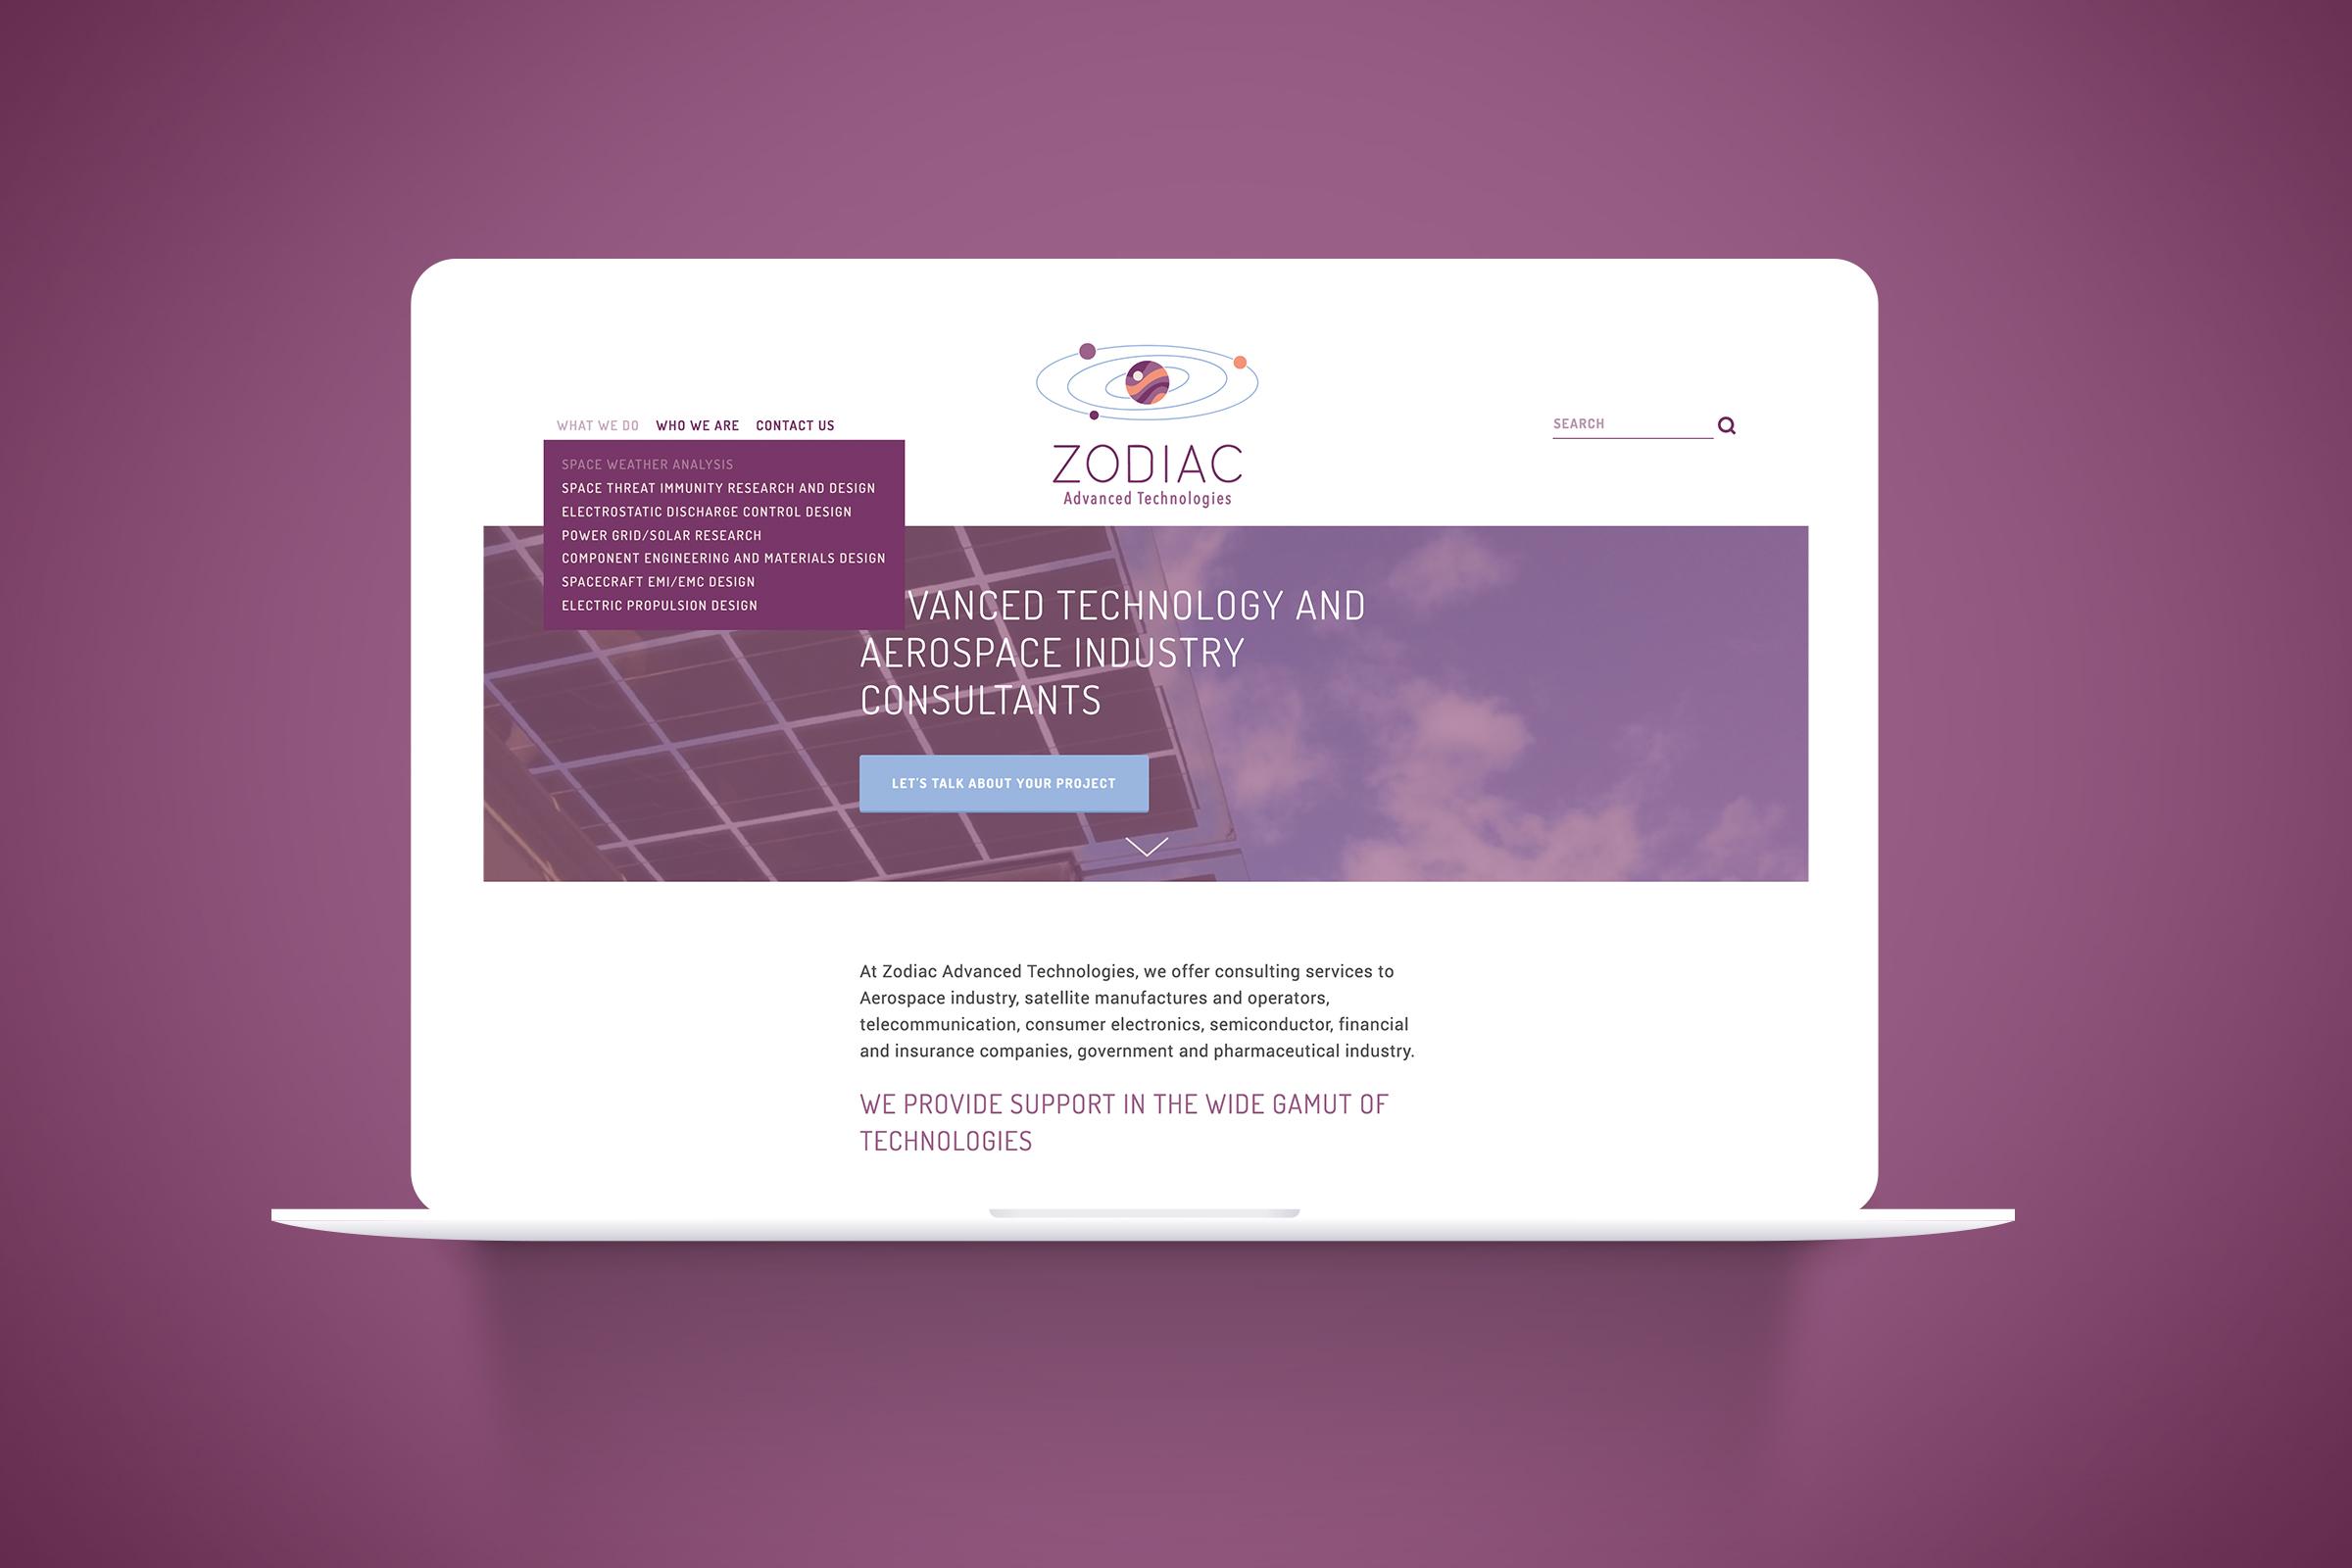 hearthfire-creative-squarespace-website-designer-denver-colorado-zodiac-advanced-technologies.jpg